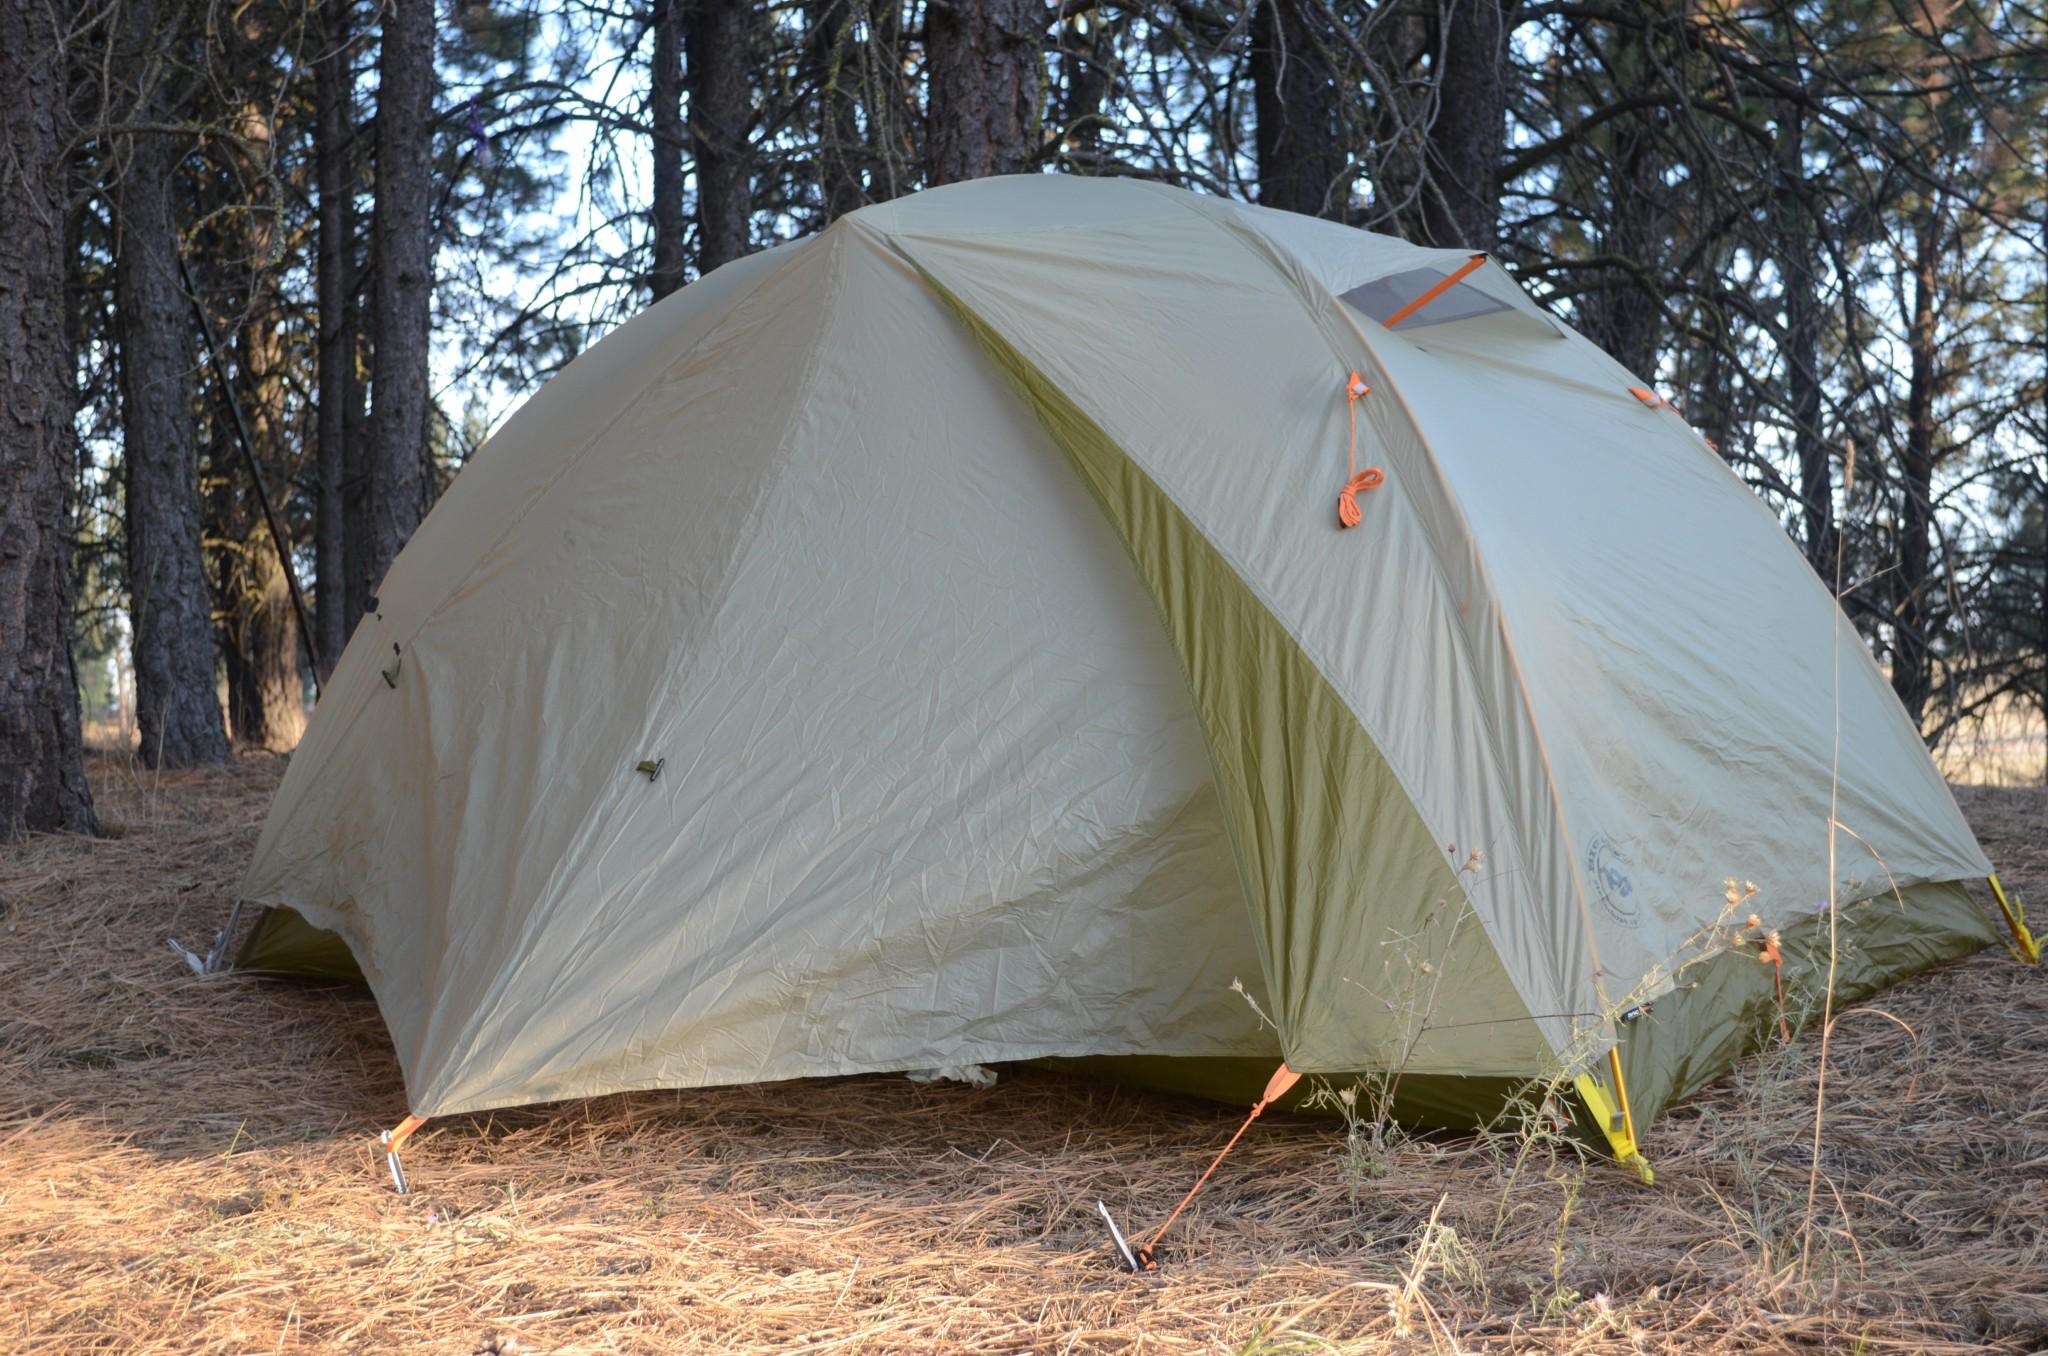 Big Agnes Fishhook UL 2 Tent Review & Big Agnes Fishhook UL 2 Tent Review - FeedTheHabit.com